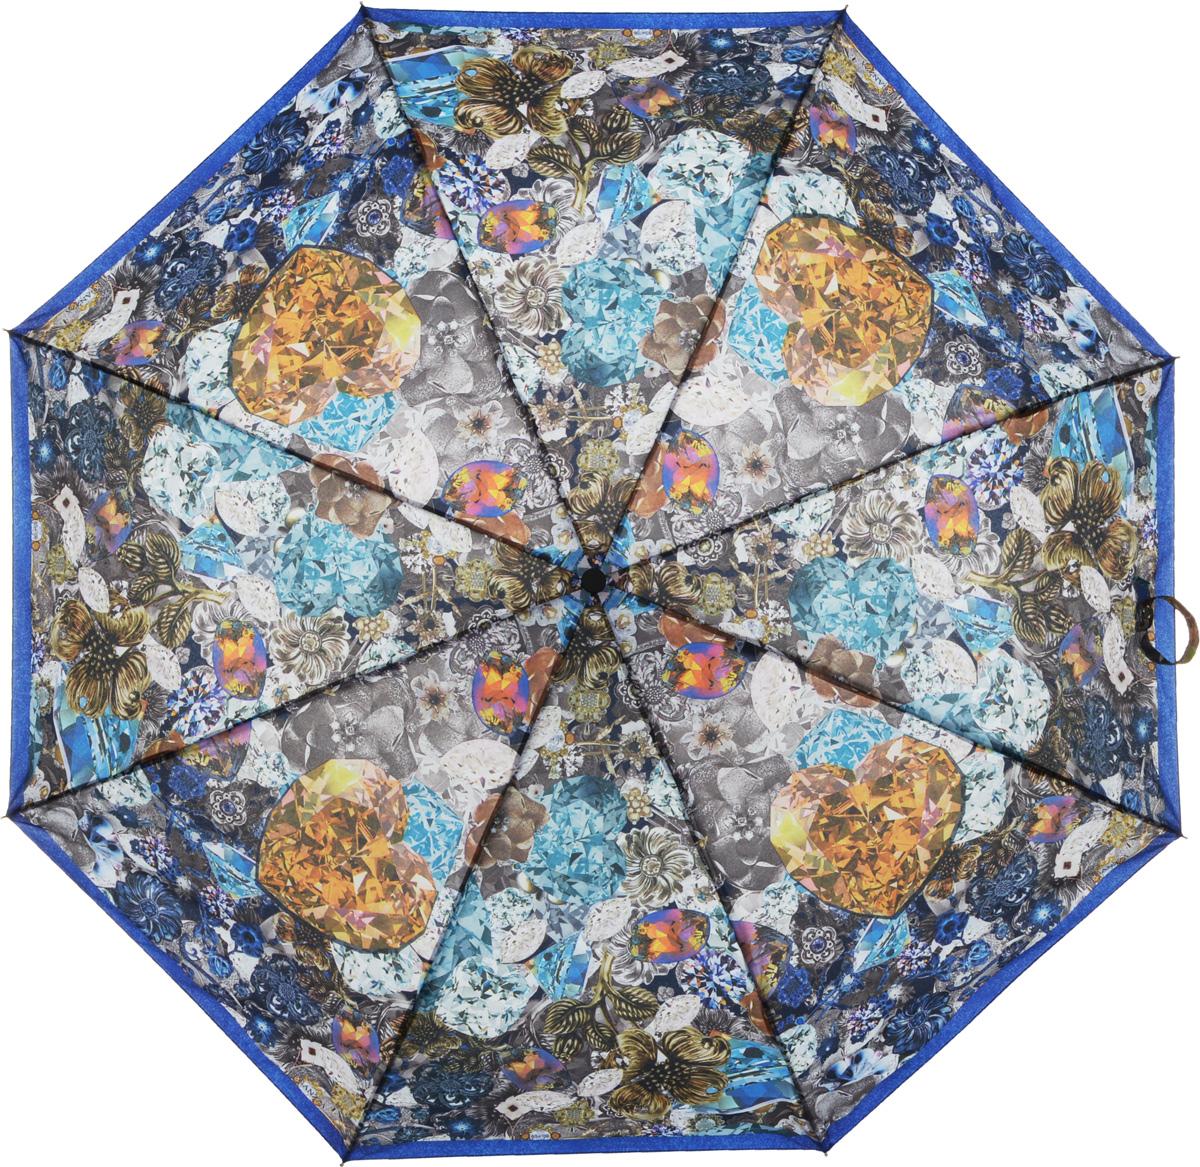 Зонт женский Eleganzza, автомат, 3 сложения, цвет: синий. A3-05-0308LSA3-05-0308LSЖенский зонт-автомат торговой марки ELEGANZZA с каркасом Smart, который позволяет без особых усилий складывать зонт, не позволяя стержню вылетать обратно. Купол: 100% полиэстер, эпонж. Материал каркаса: сталь + алюминий + фибергласс. Материал ручки: пластик. Длина изделия - 30 см. Диаметр купола - 105 см. Система Smart, не позволяет стержню при сложении вылететь обратно, это облегчает сложение зонта! При сложении есть характерный звук-треск, как трещетка. Примечание: зонт не откроется с кнопки если его не закрыть до щелчка!